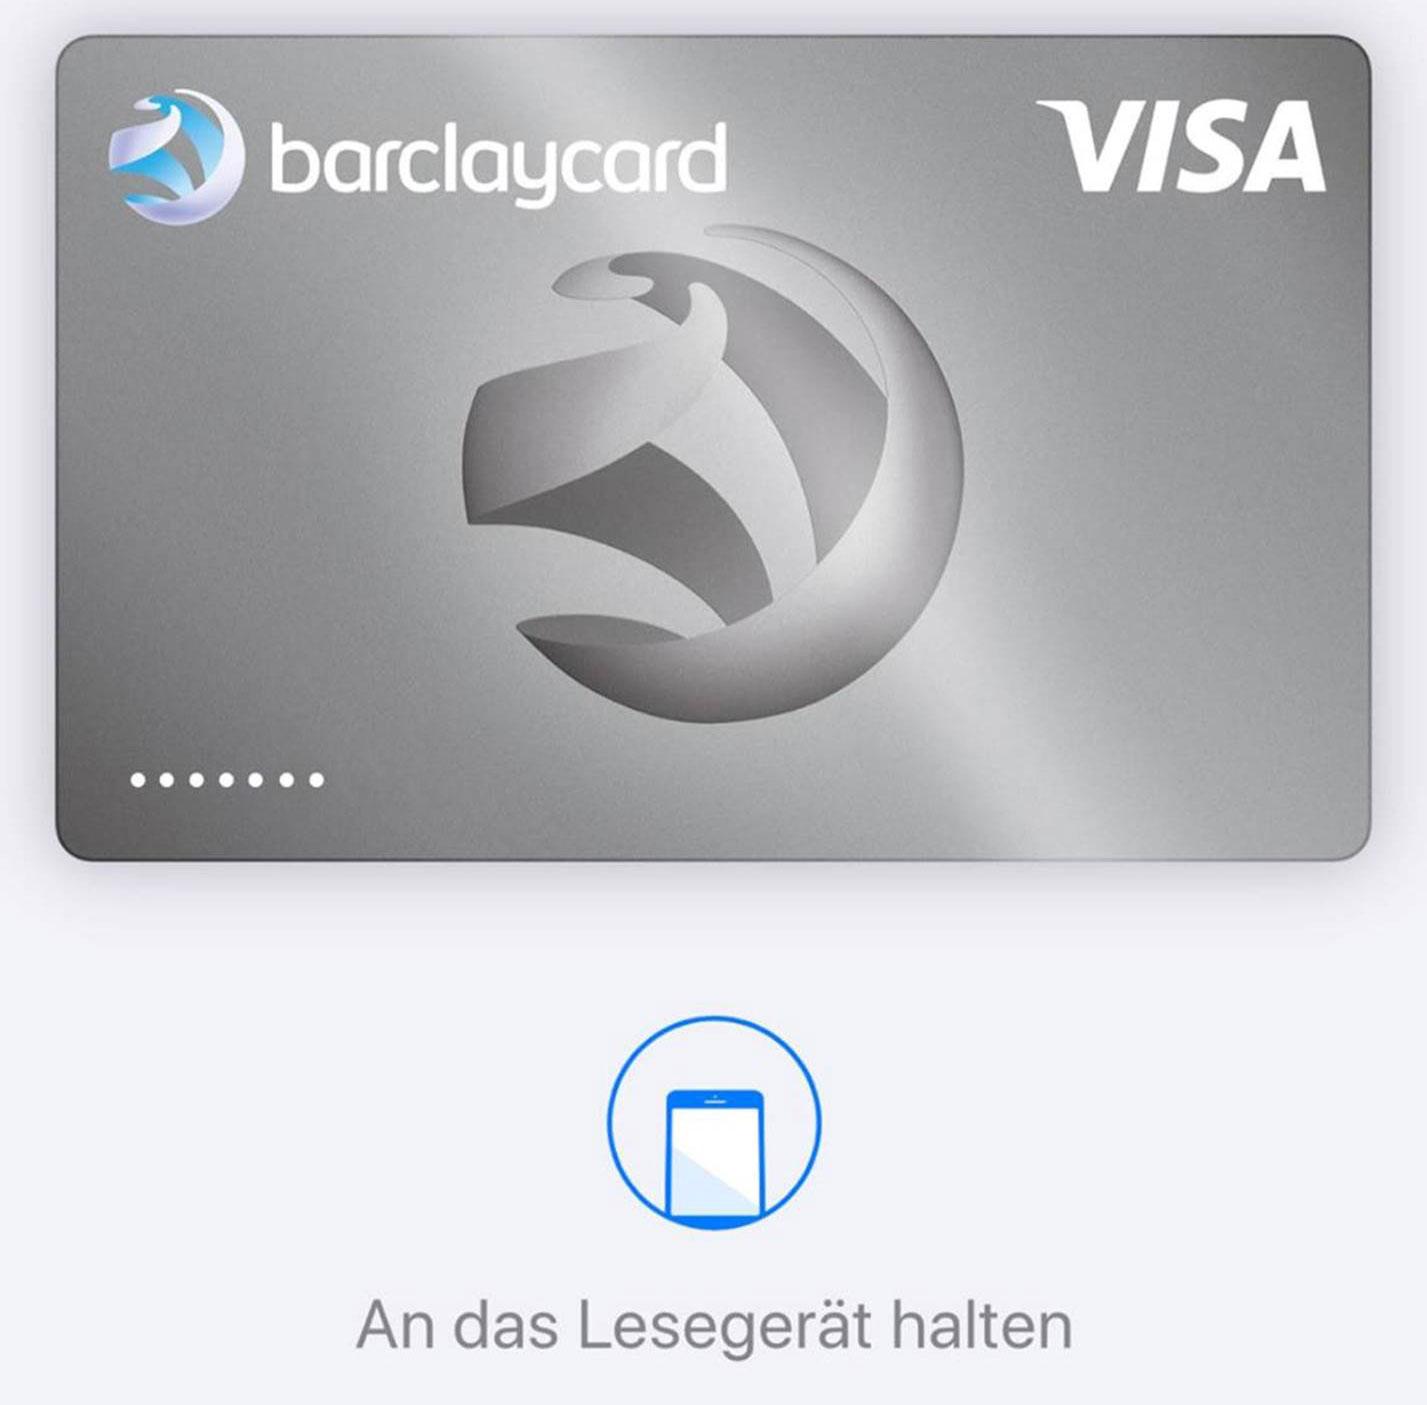 Apple Pay: Barclaycard Deutschland lässt sich einbinden › iphone